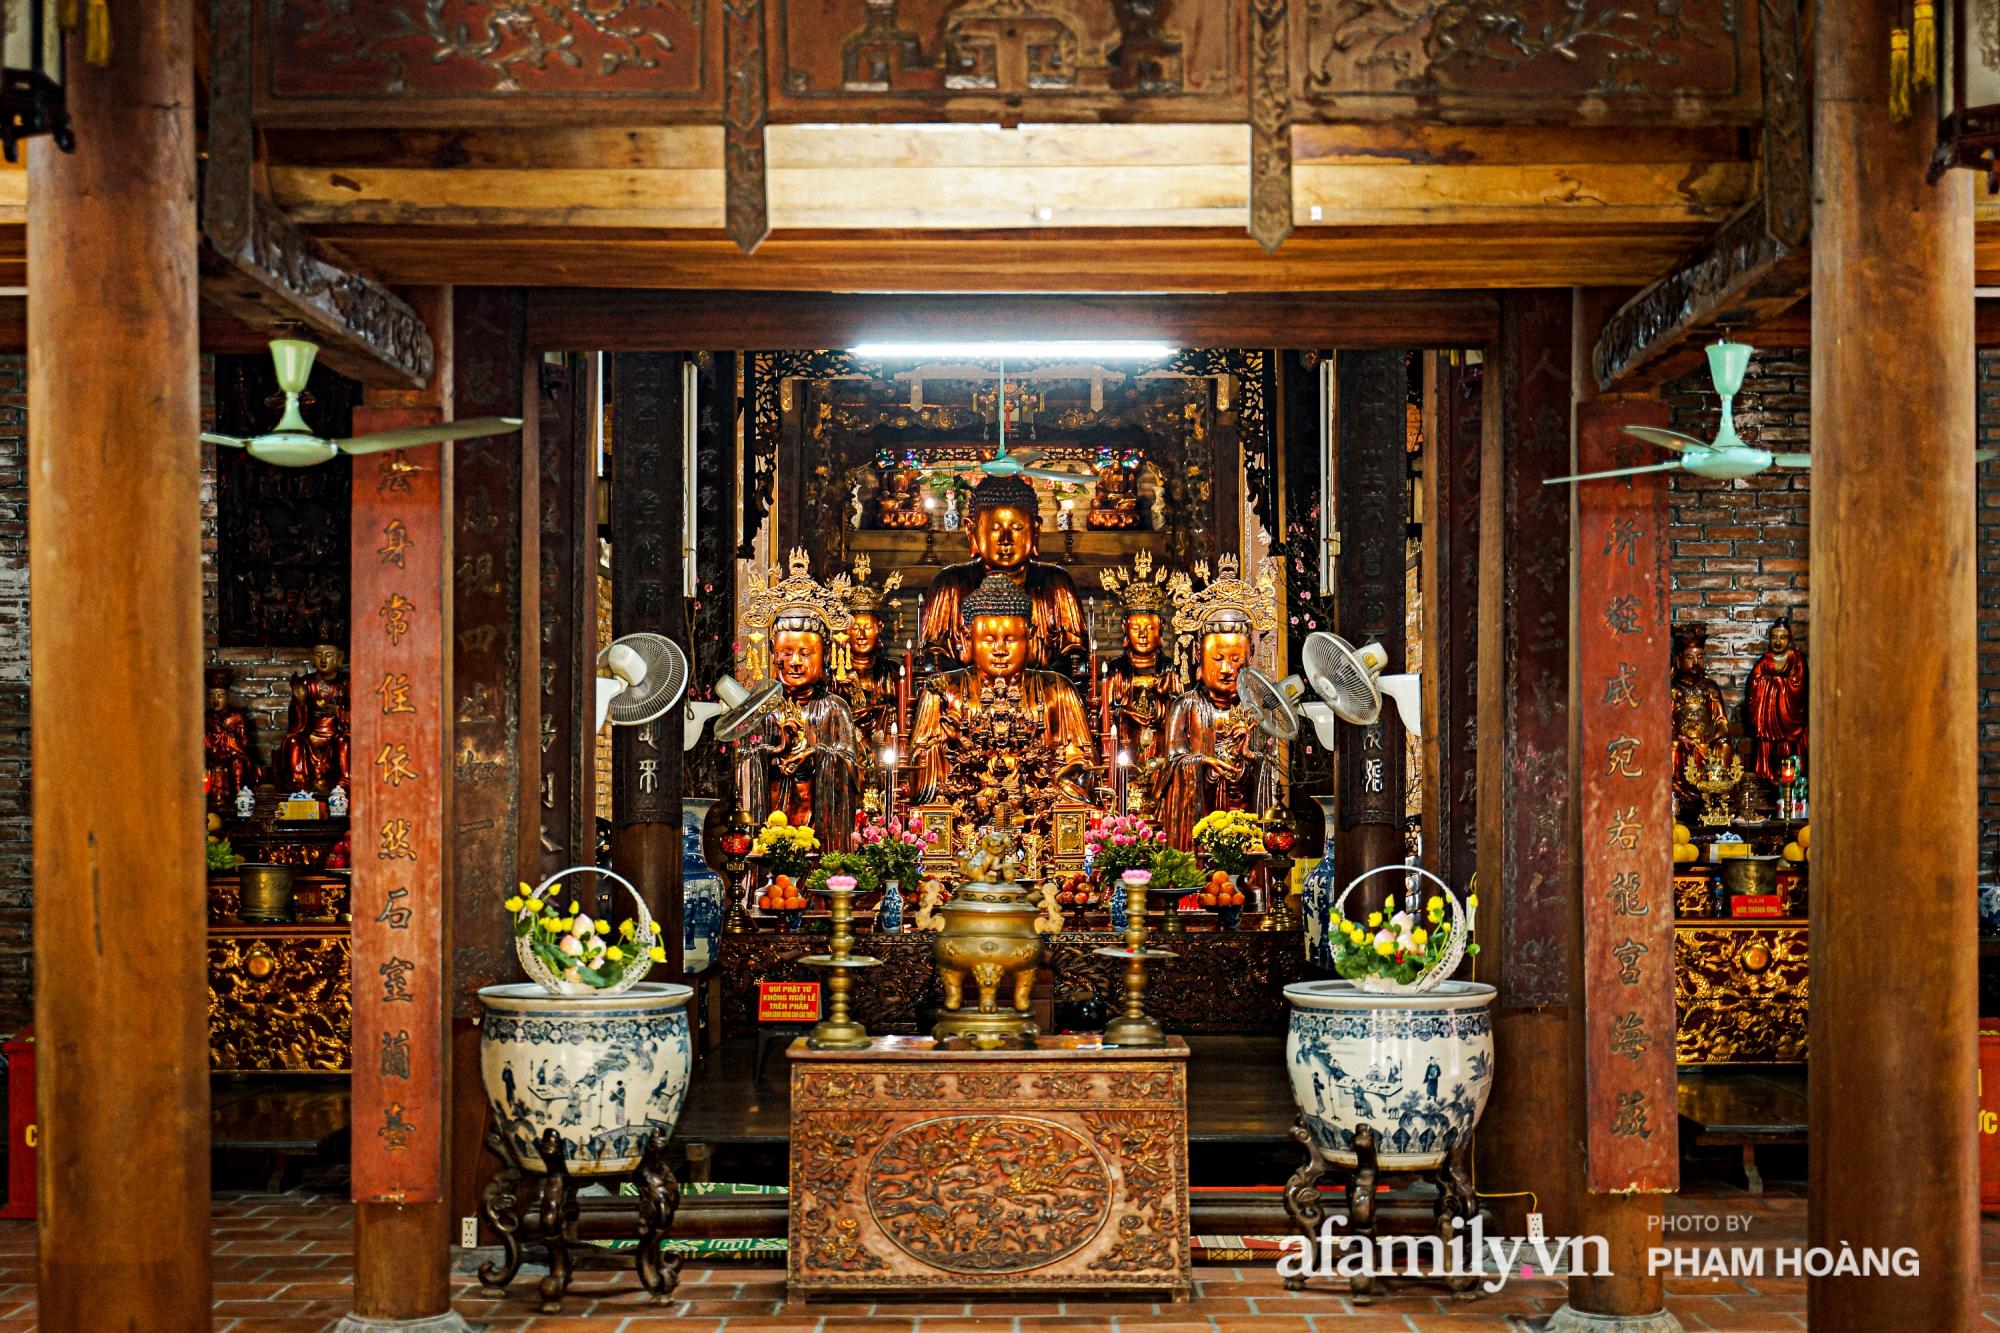 Mùng 1 đầu năm ghé thăm chùa Bà Đá: Chốn linh thiêng cổ xưa ngàn năm tuổi, giấu mình giữa phố cổ phồn hoa - Ảnh 5.